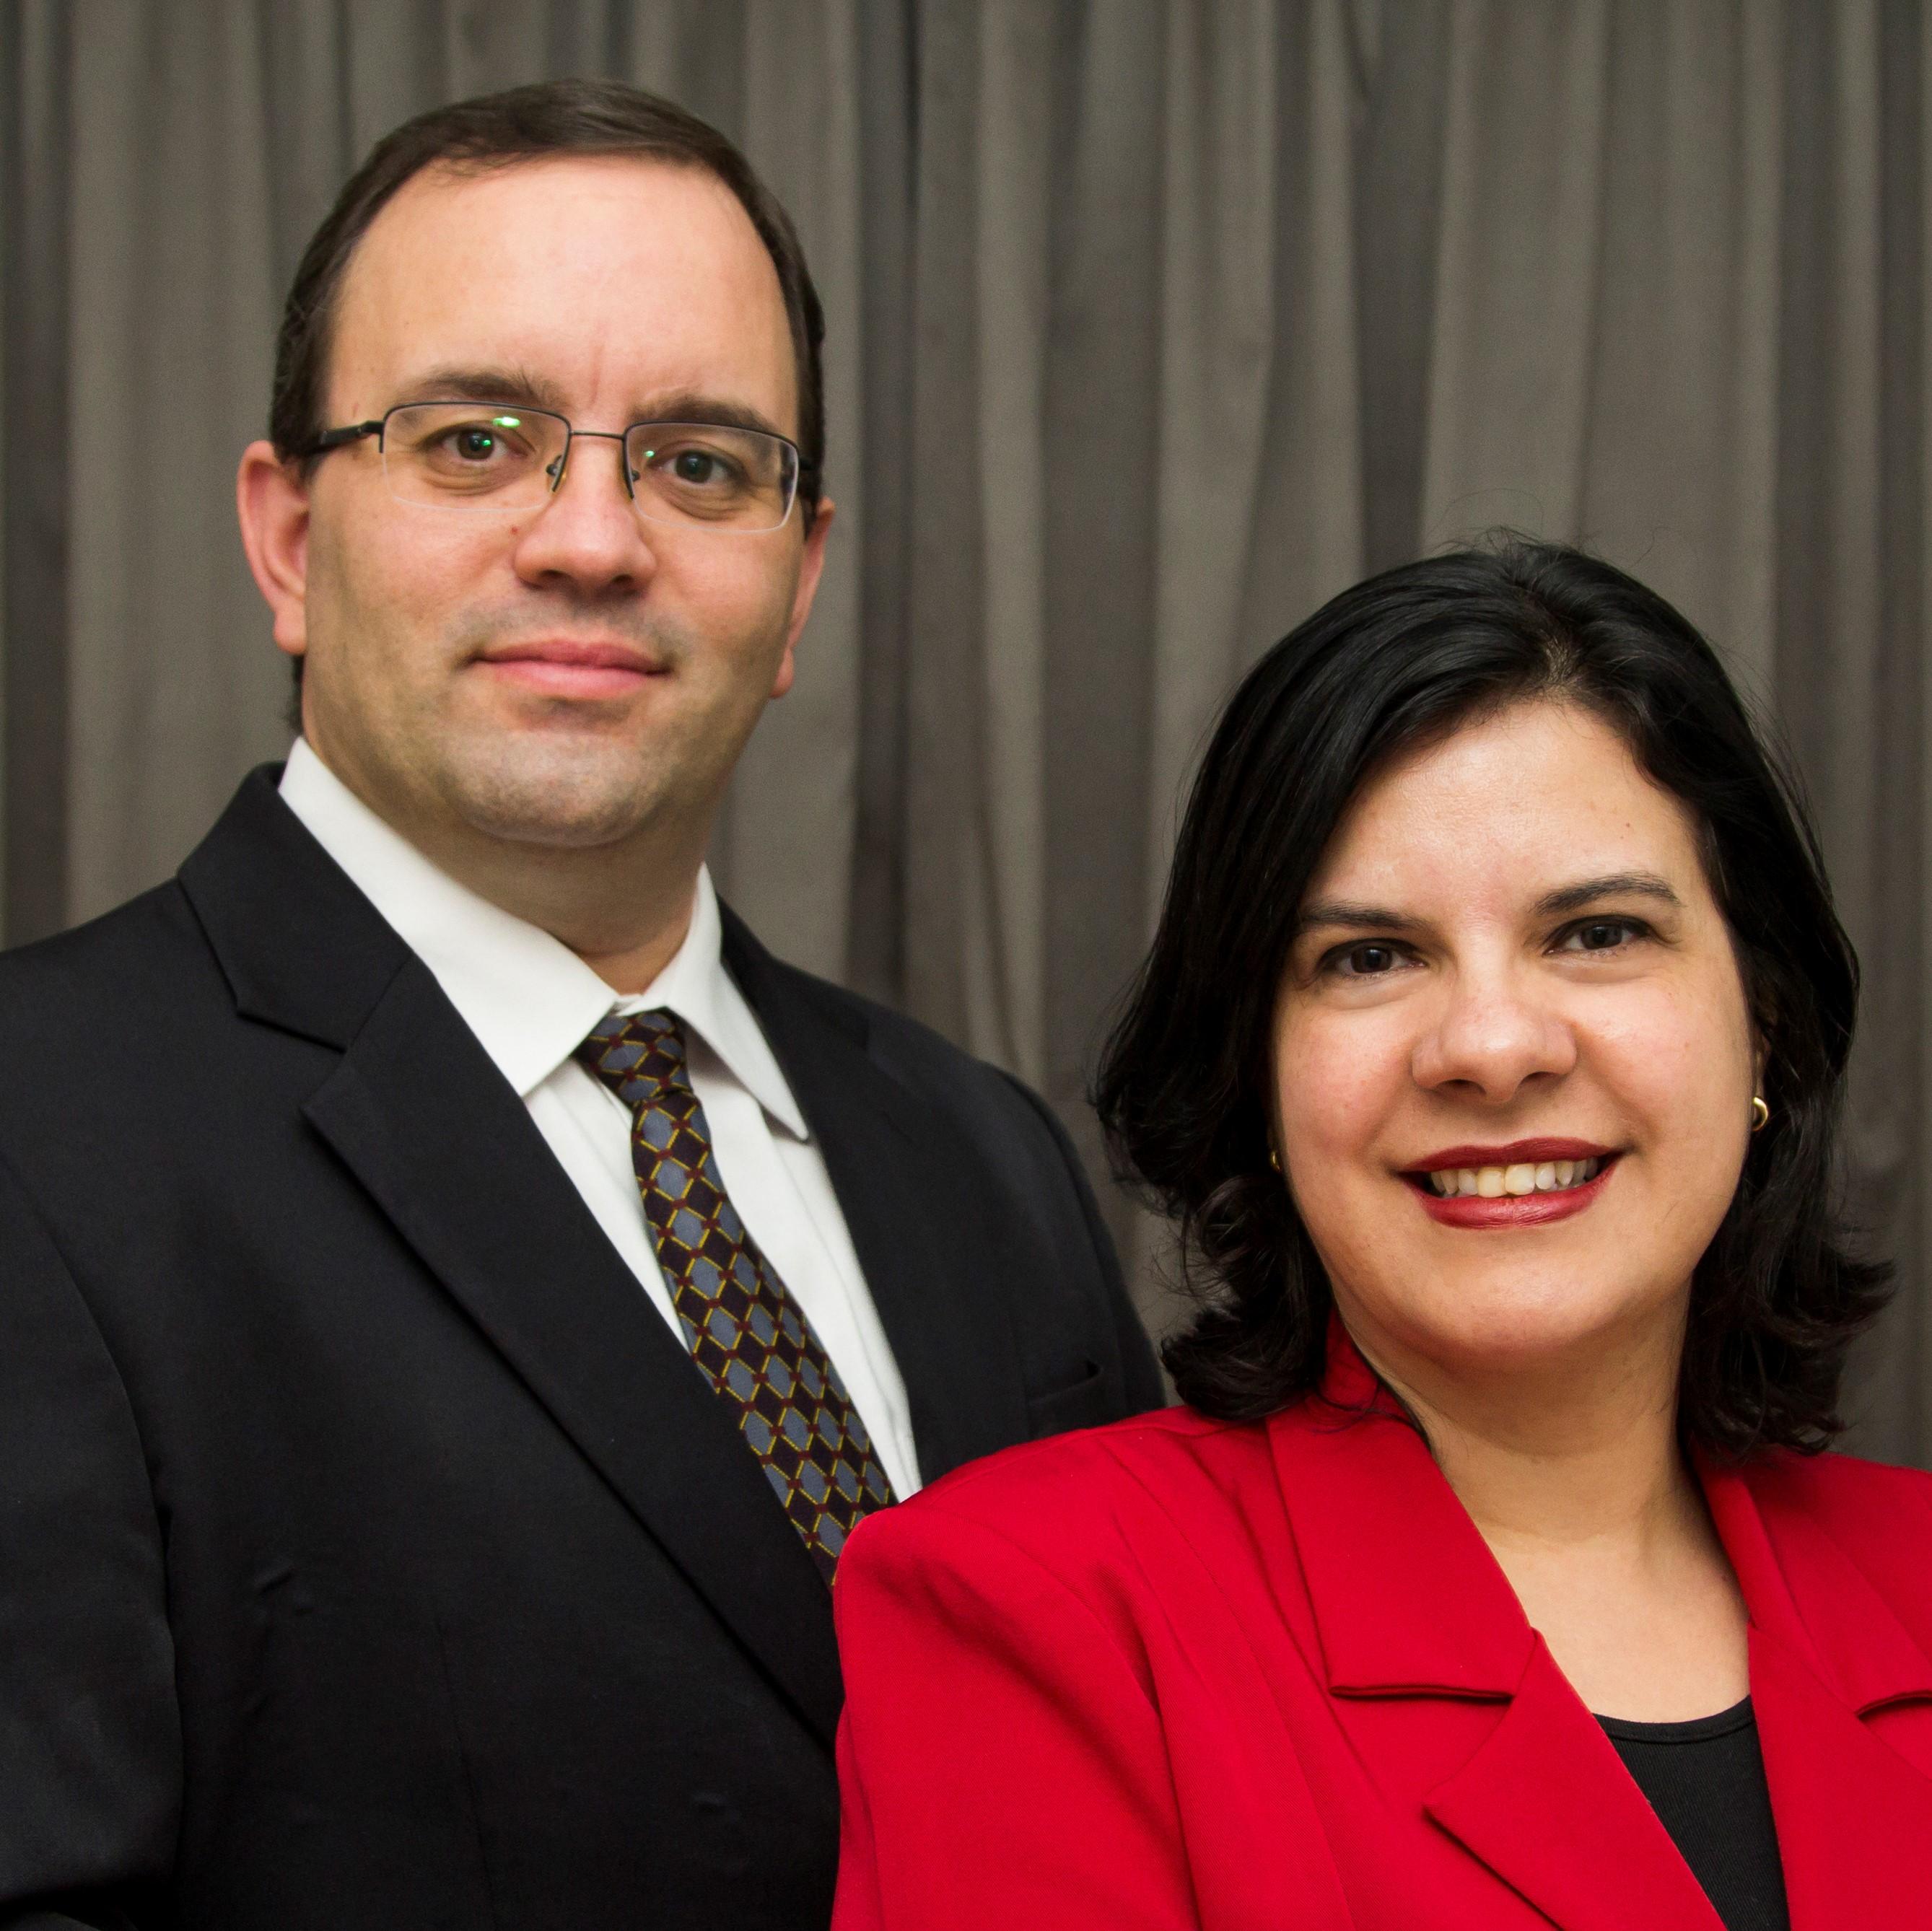 Daniel M. and Suzana C.G. Piros